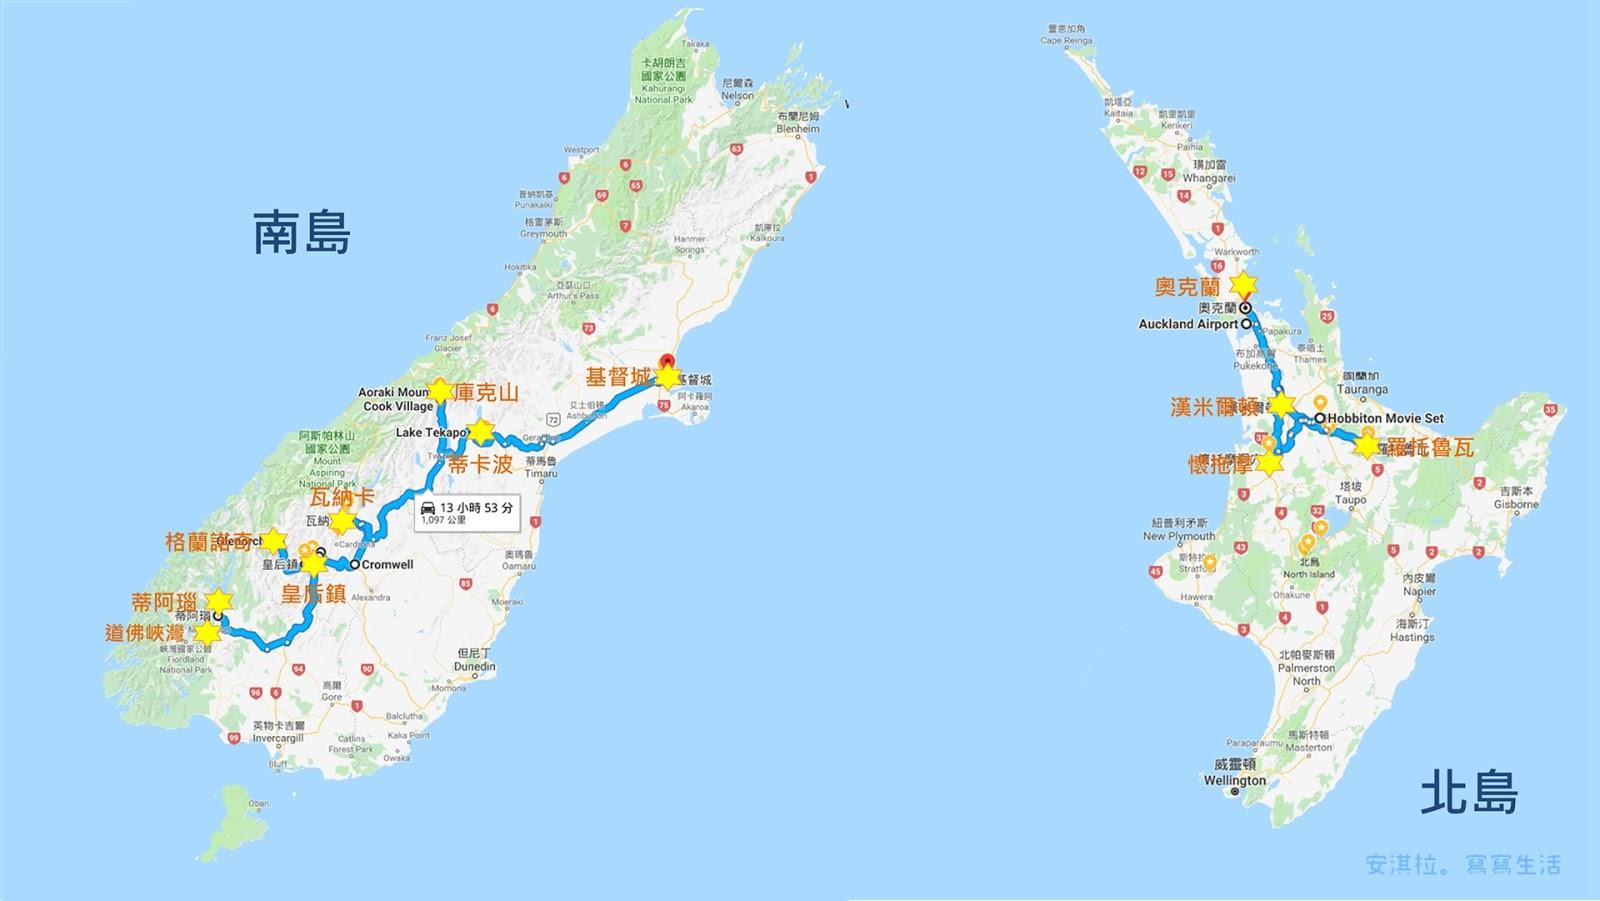 [紐西蘭] 中土世界的蜜月之旅-南北島18天行程分享 ~ 安淇拉。寫寫生活